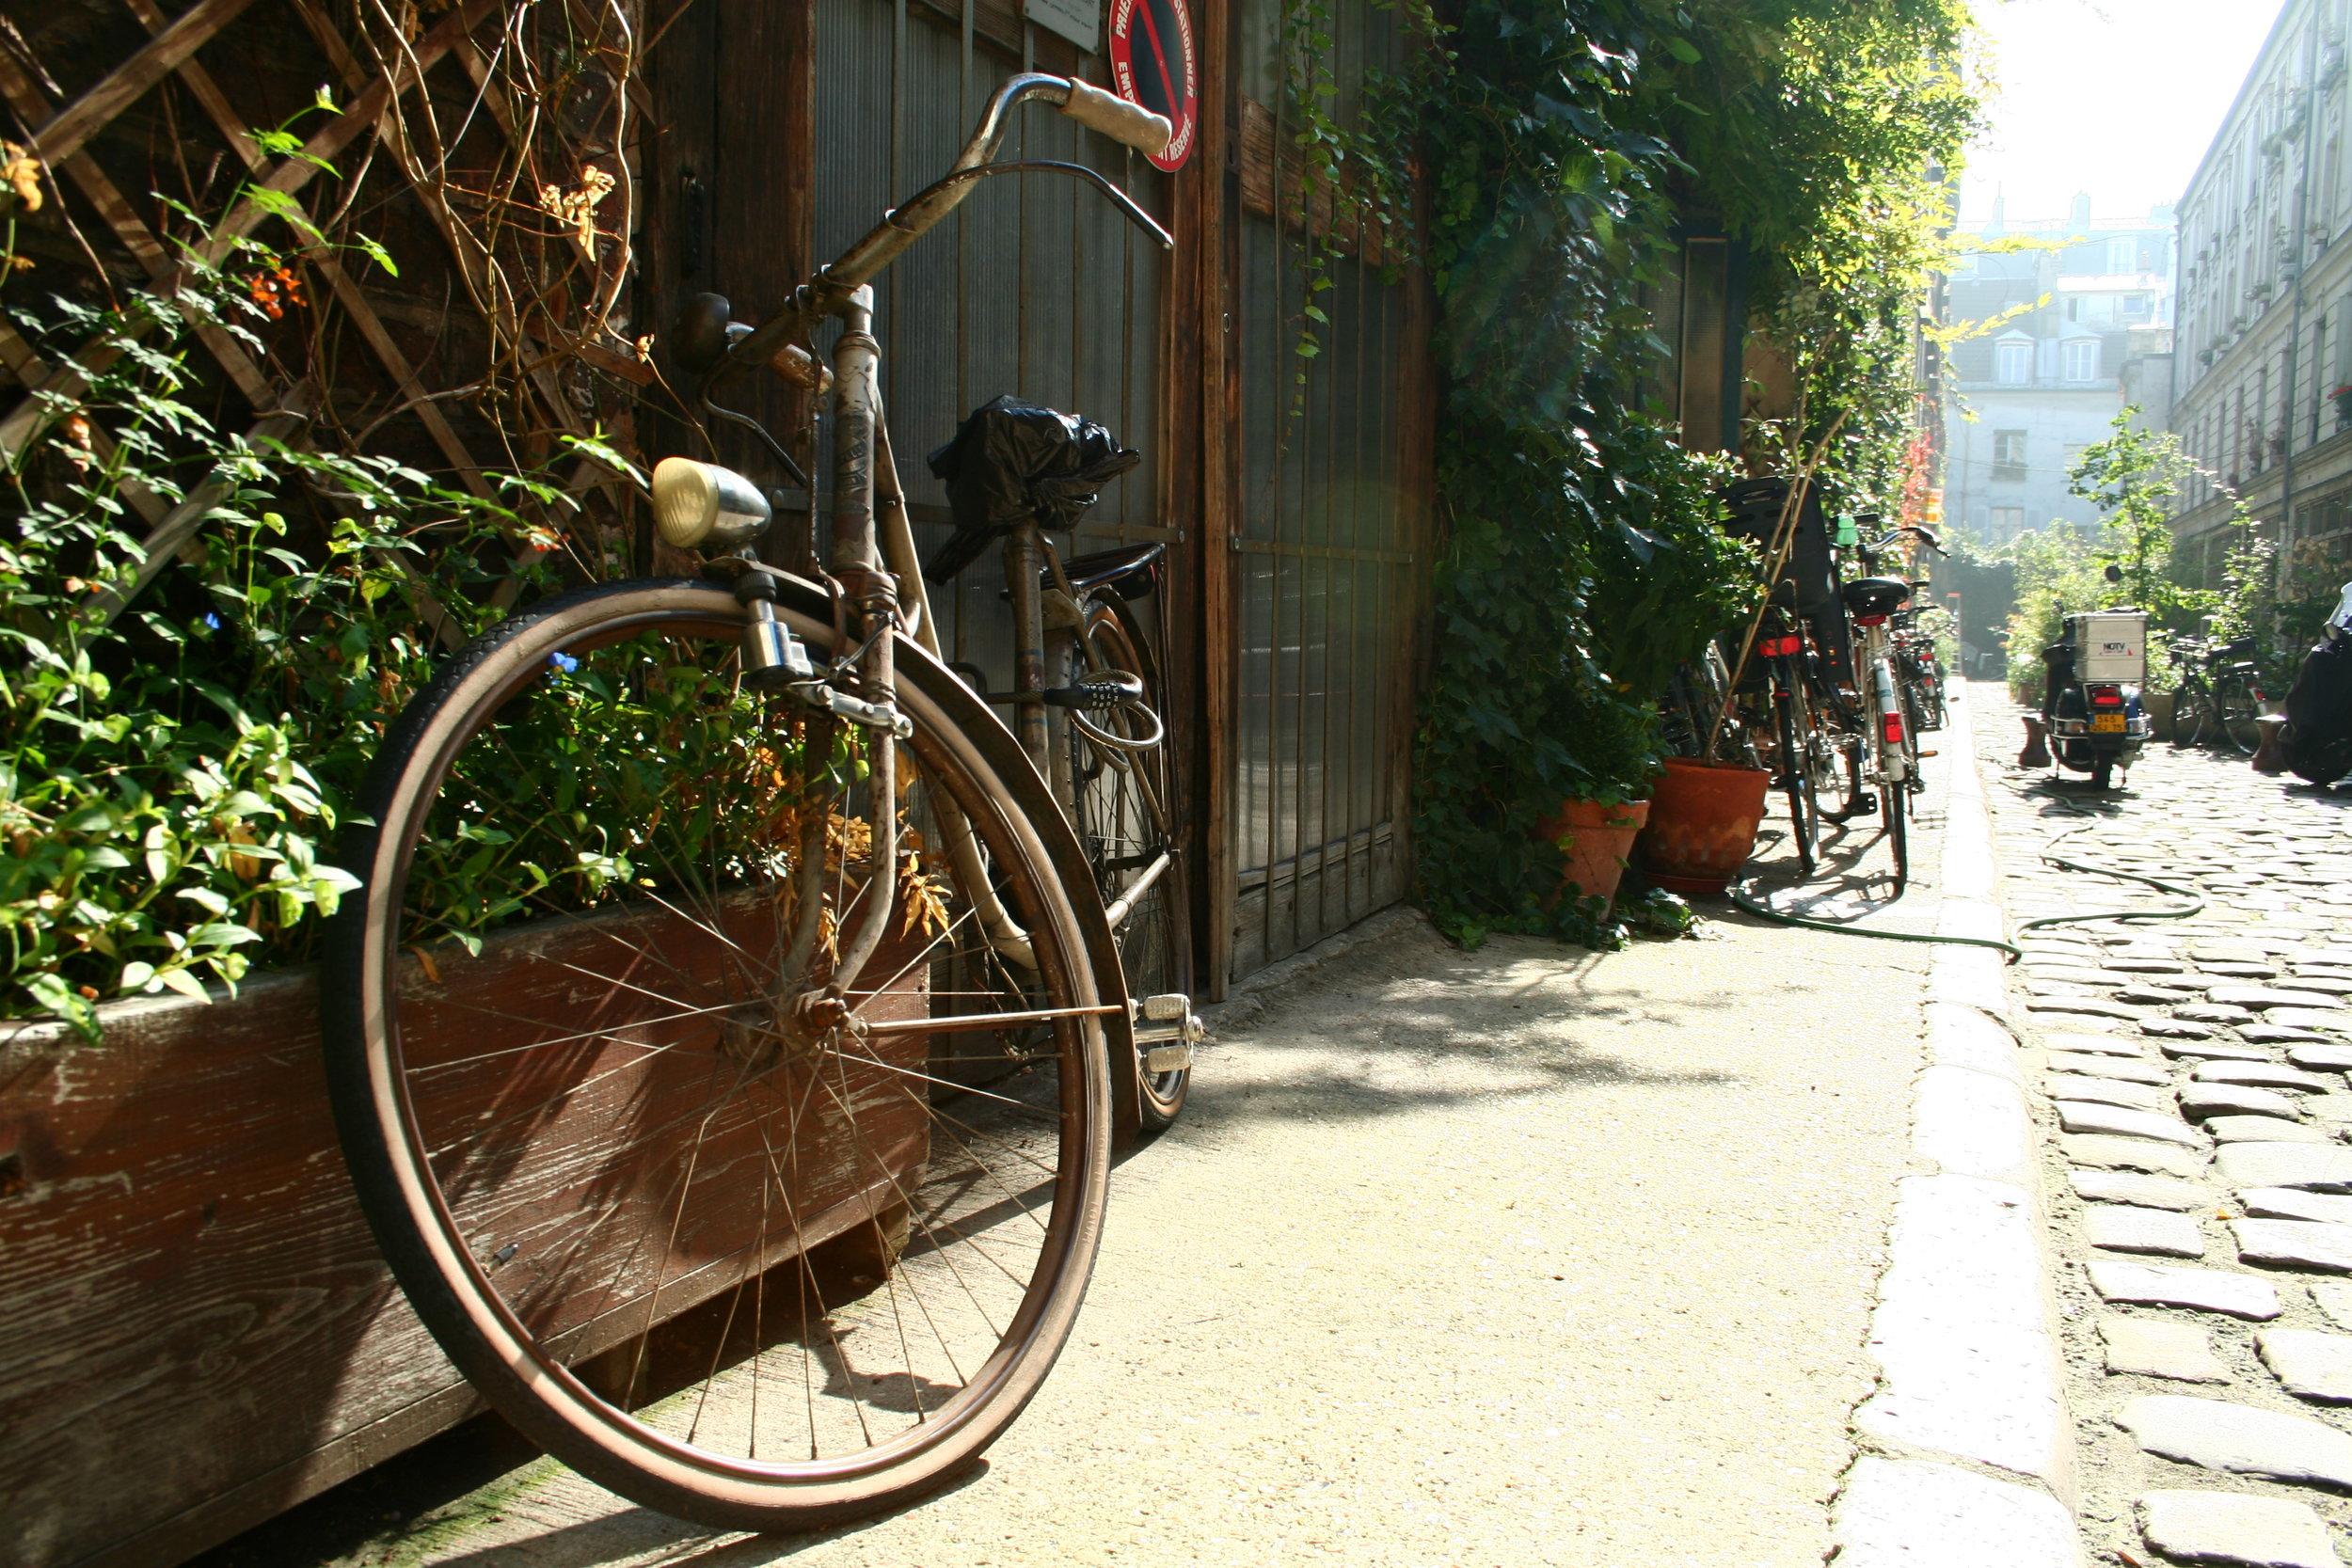 Vélos dans une ruelle parisienne